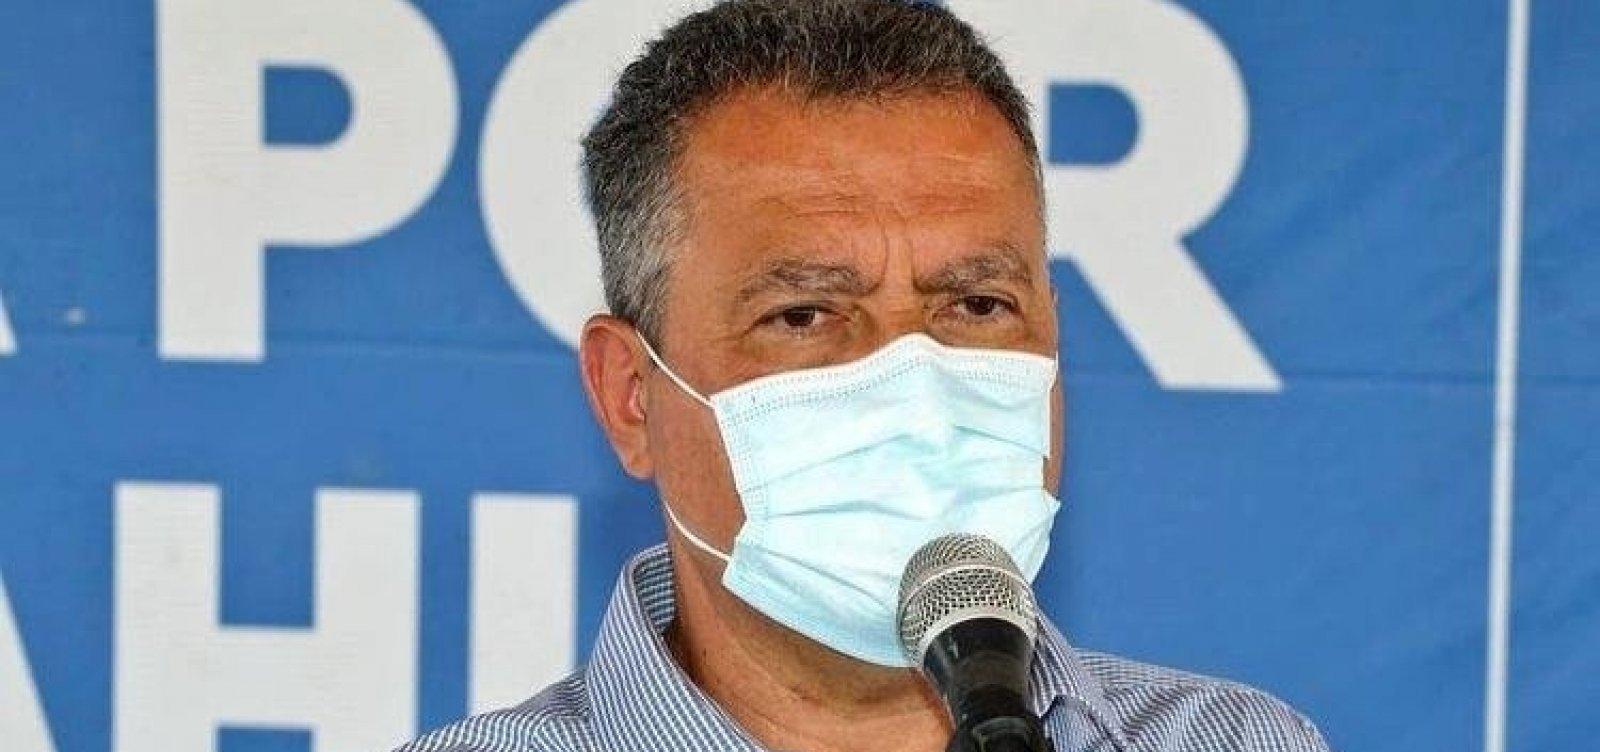 Com avanço da pandemia, Rui Costa avisa que haverá novas medidas restritivas no estado